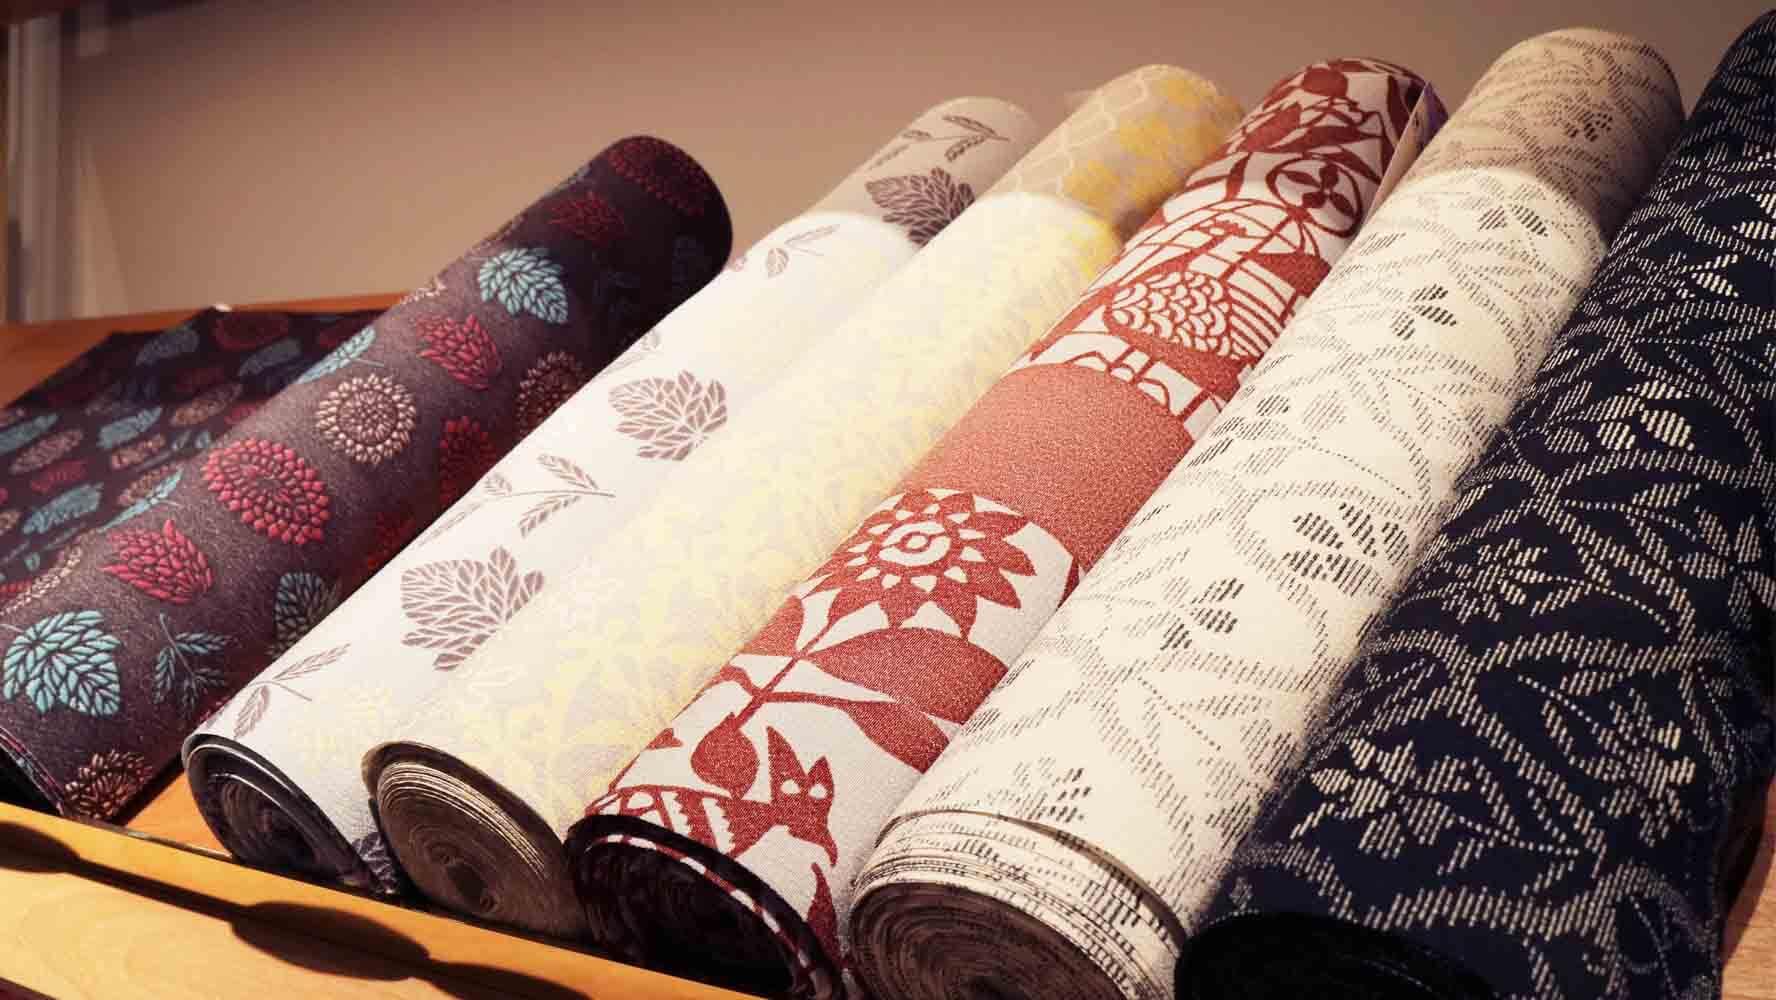 シルクだけでなく、化繊や木綿など様々な素材の生地が並ぶ。こちらは洗える化繊の生地